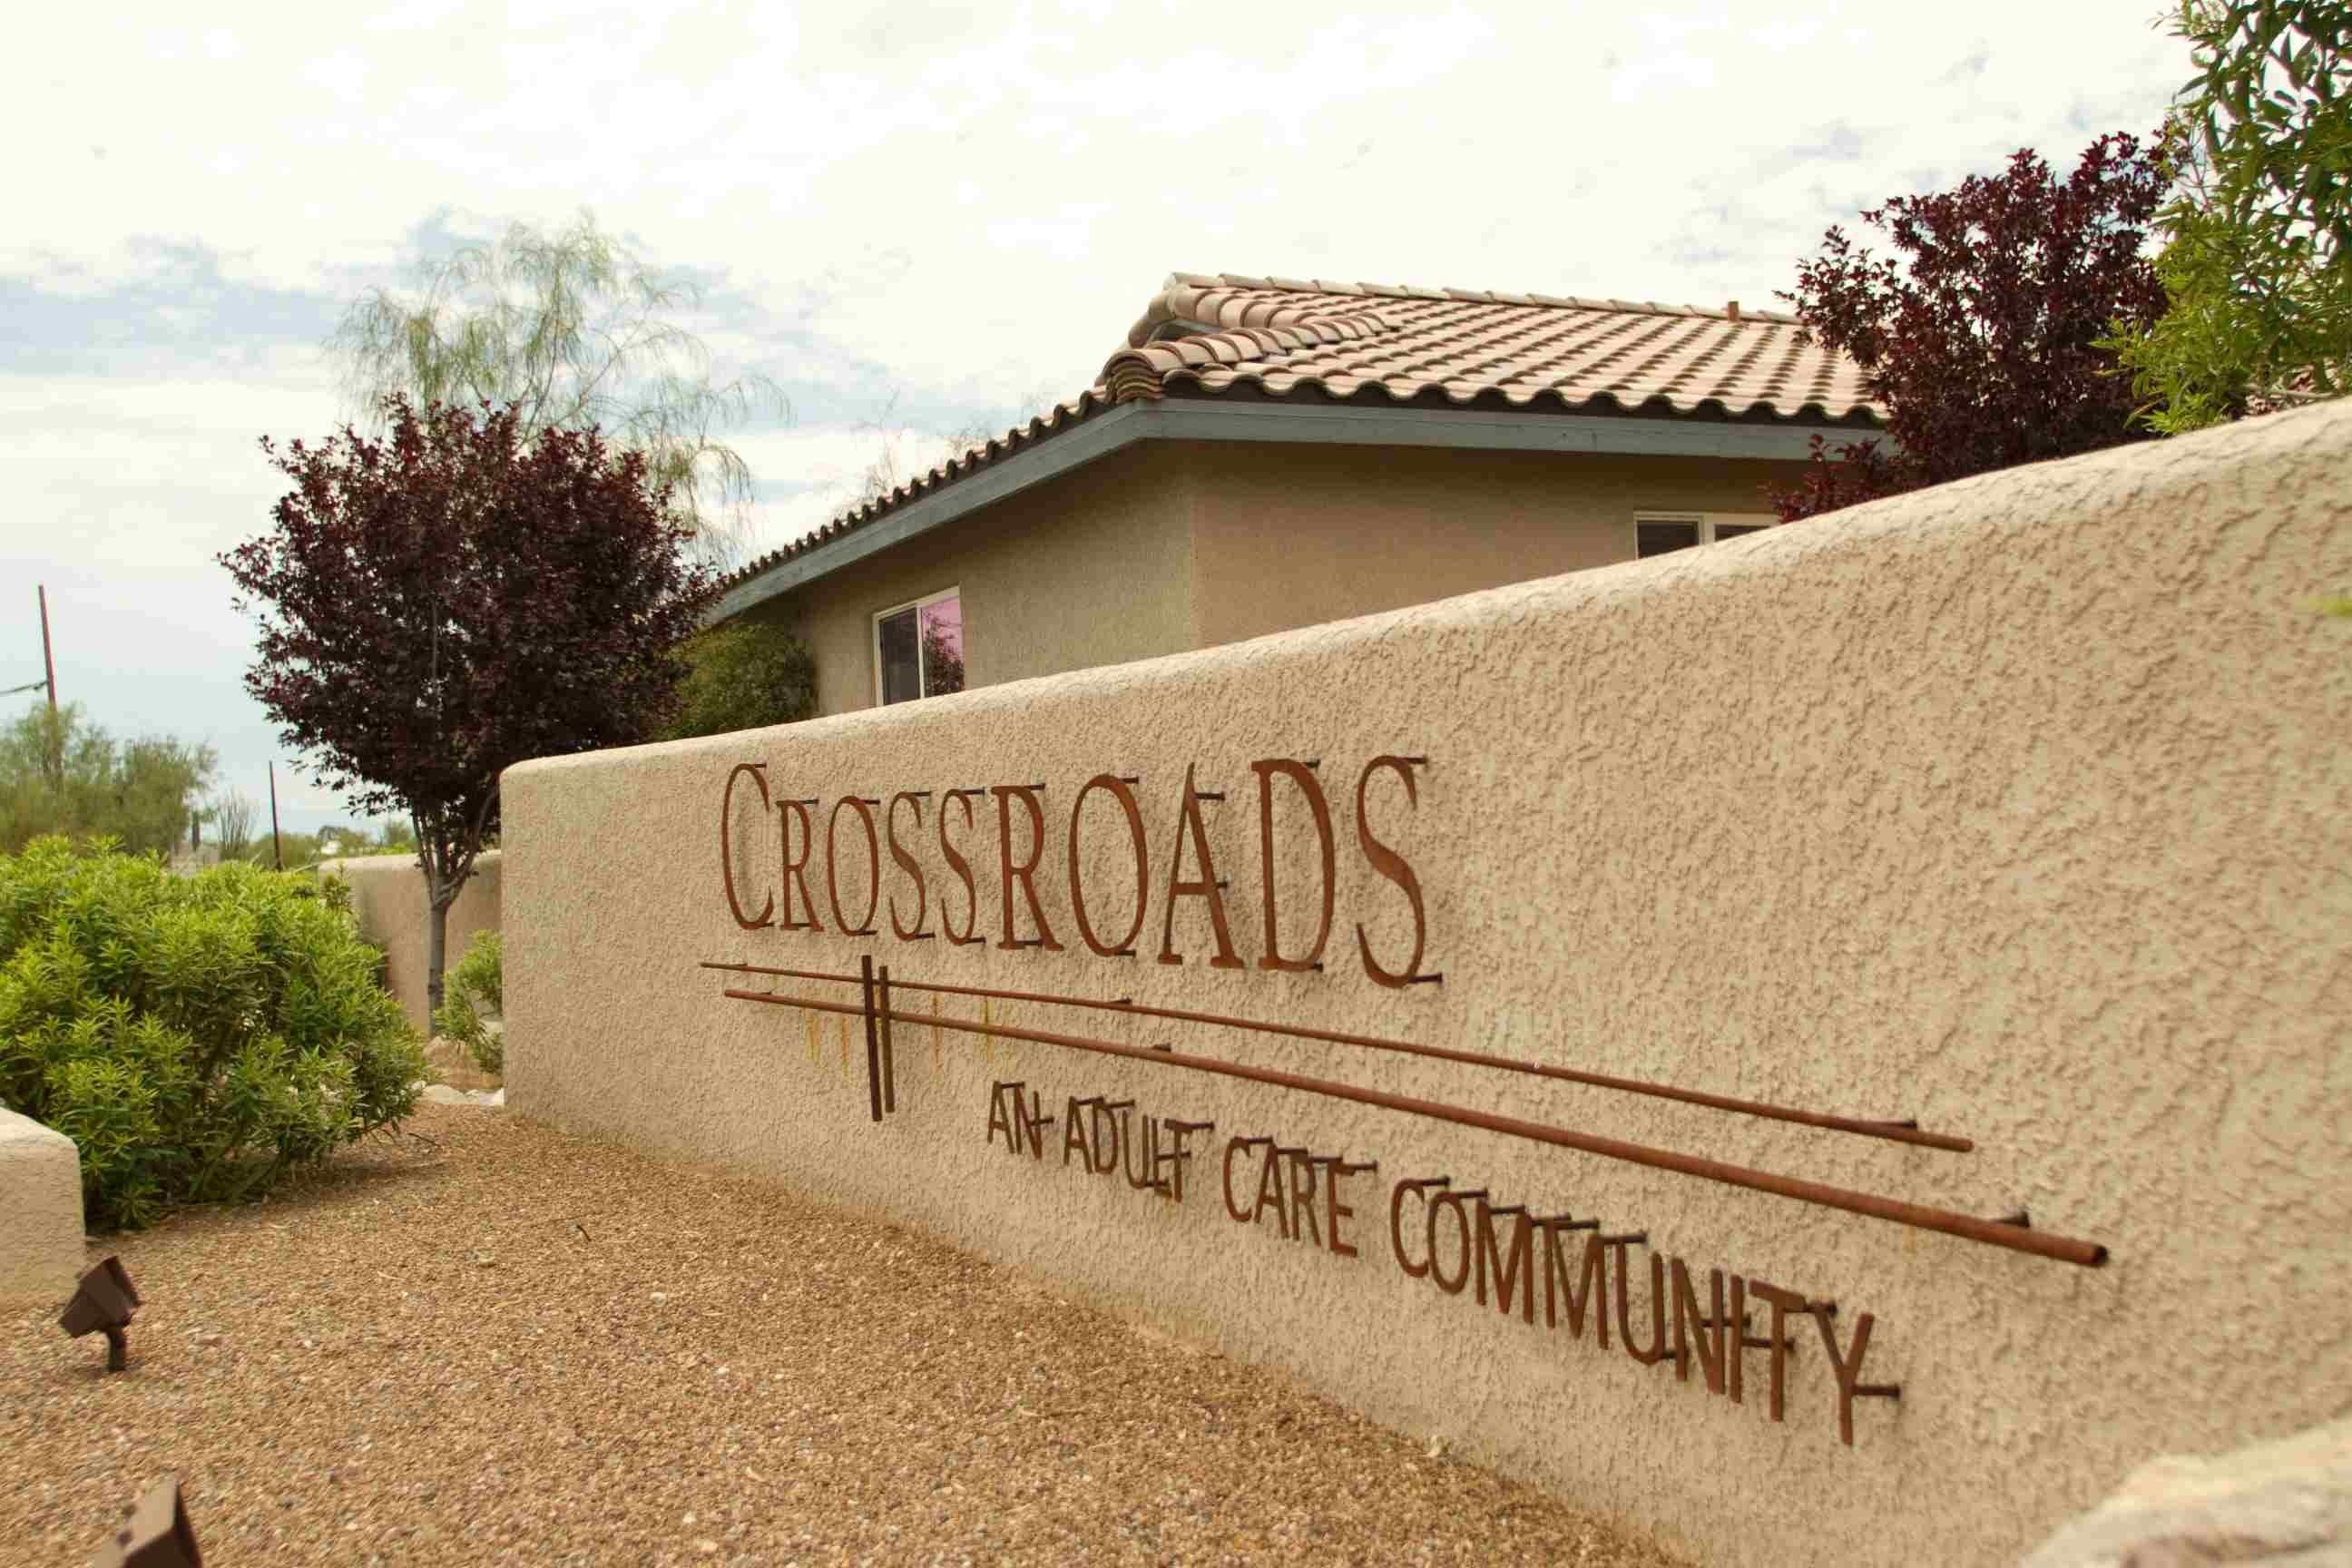 Crossroads Adult Care Community - Tucson, AZ